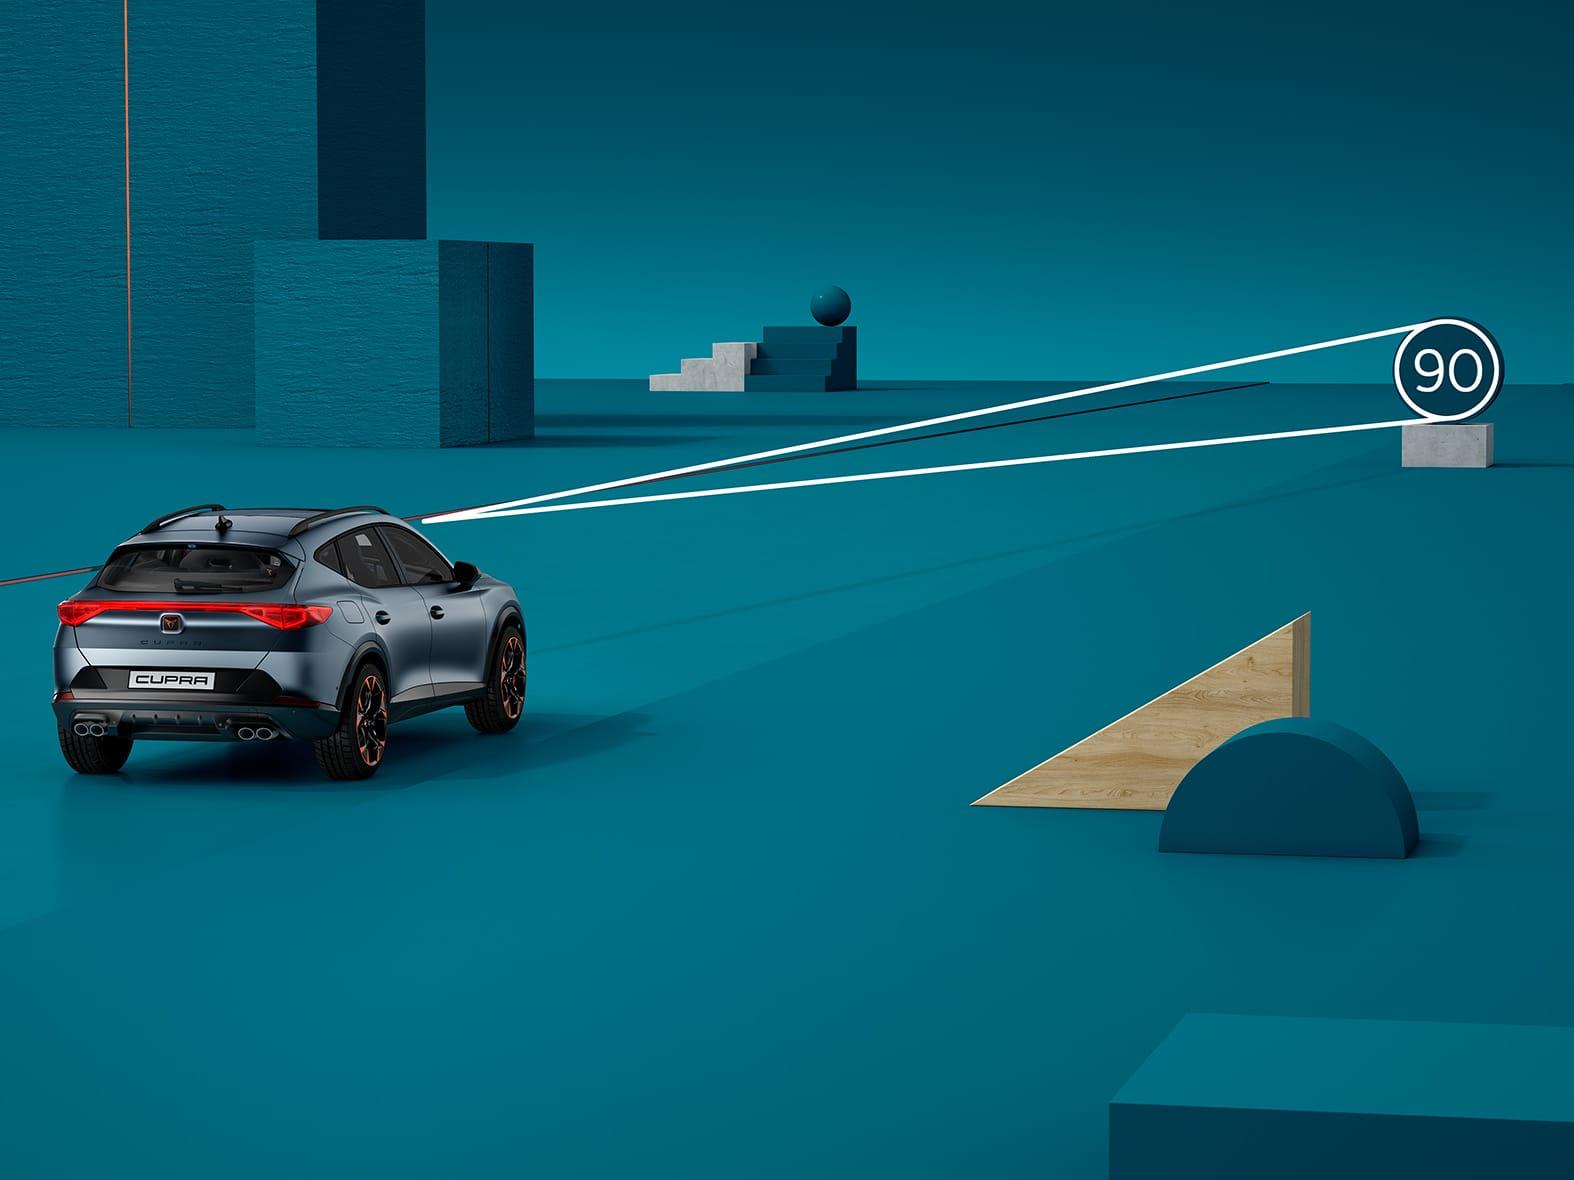 Neuer CUPRA Leon Sportstourer eHybrid Familiensportwagen mit Verkehrssignalerkennung